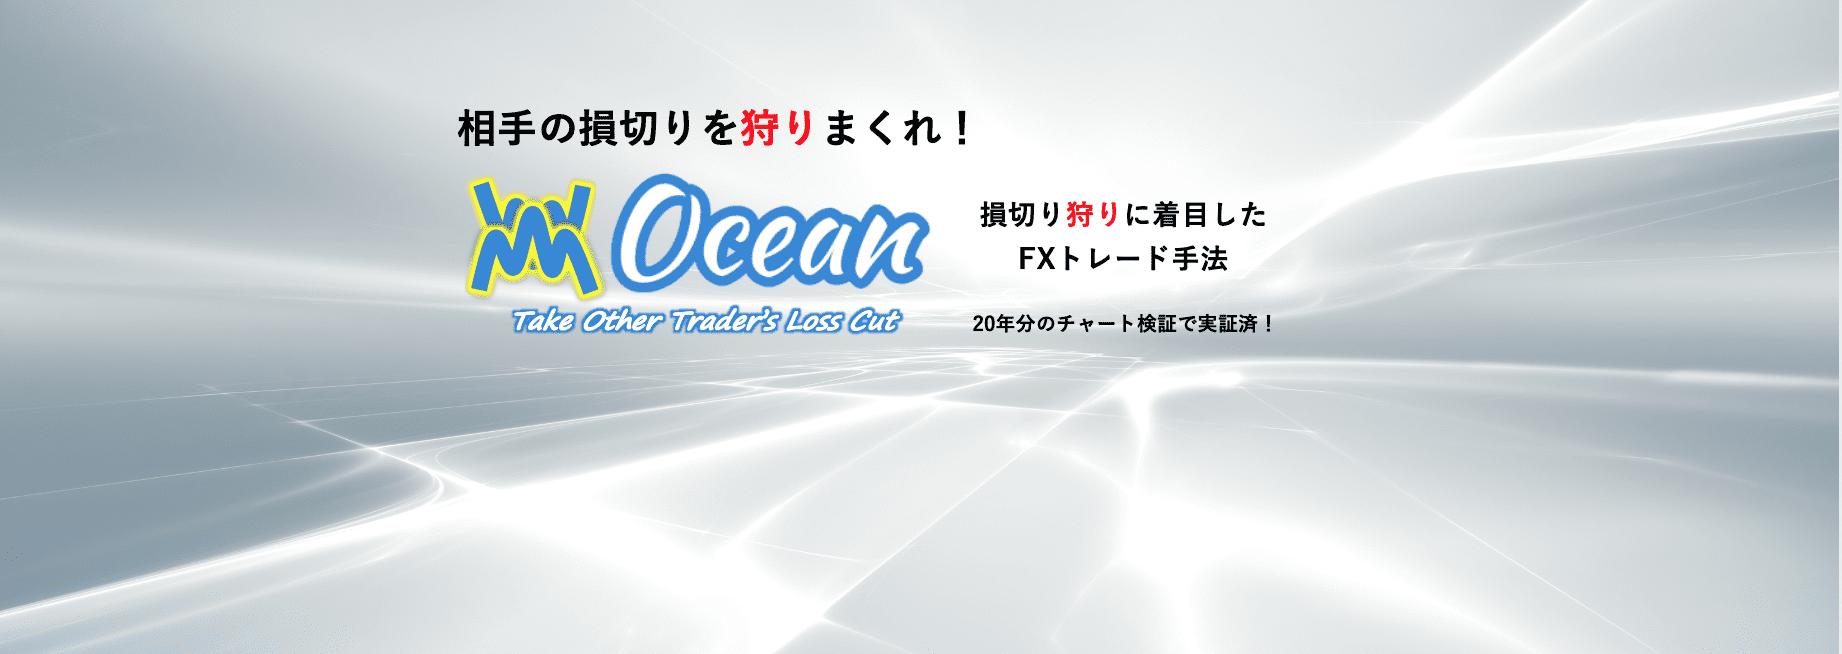 損切り狩りトレード手法「Ocean」